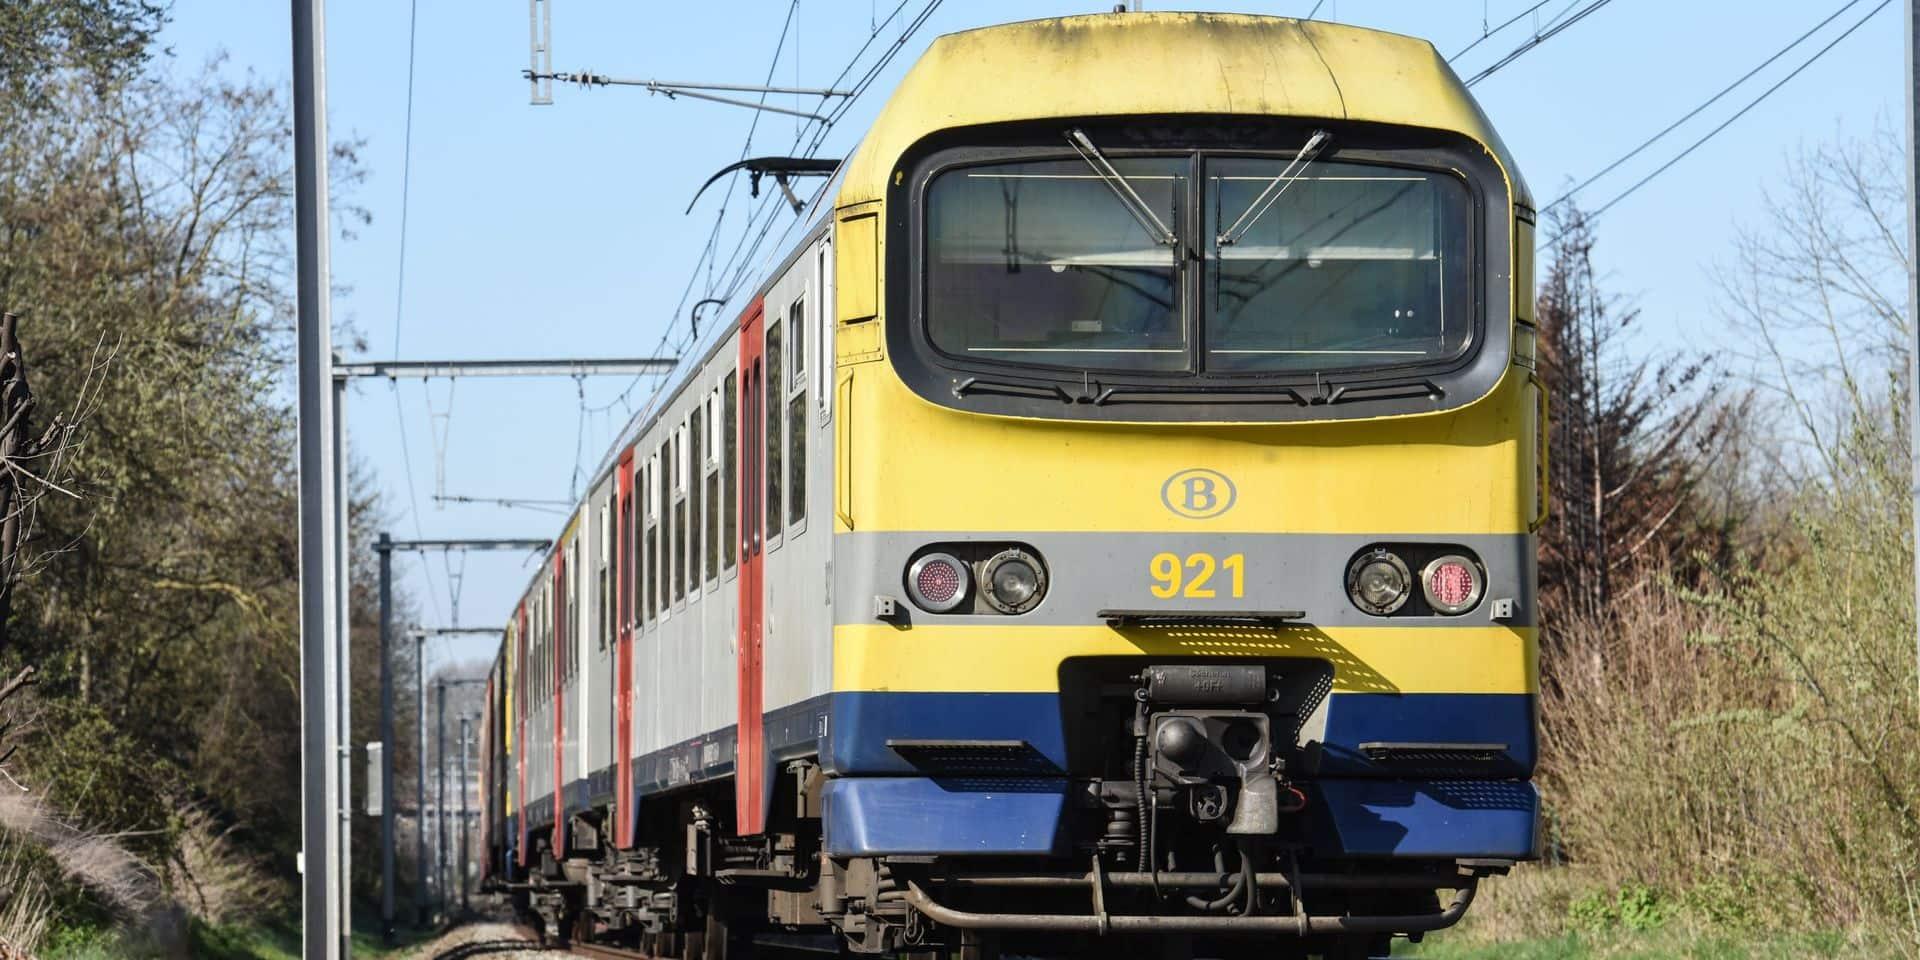 Le Luxembourg et la Belgique veulent accélérer la modernisation de la ligne Bruxelles-Luxembourg